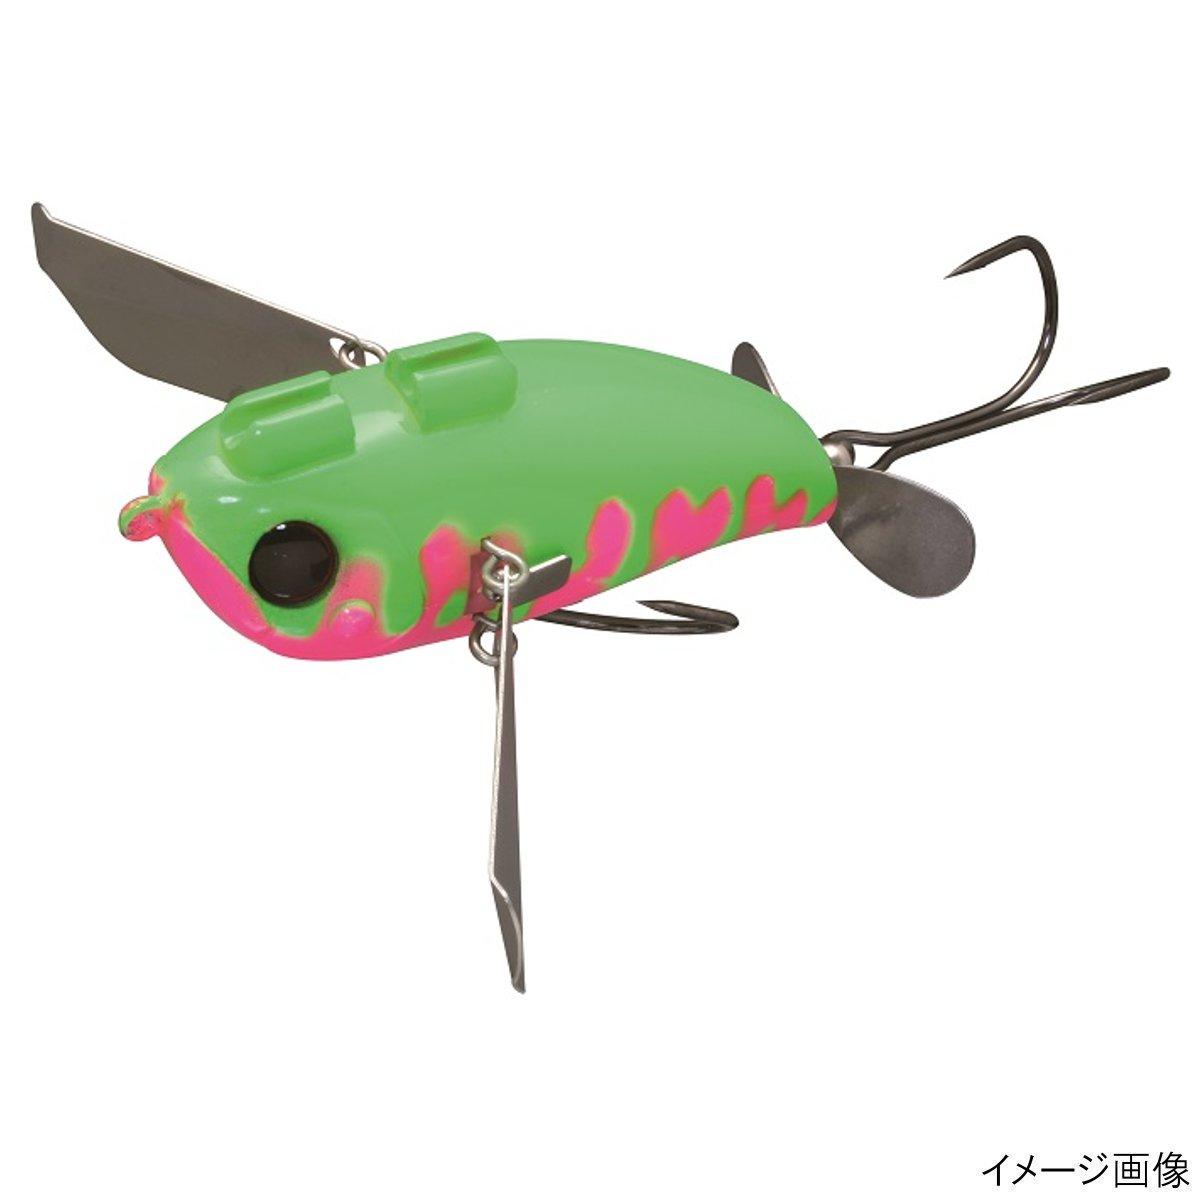 ジャッカル ポンパドールJr. 鯰カスタム ピンク/グリーンドリップ(東日本店)